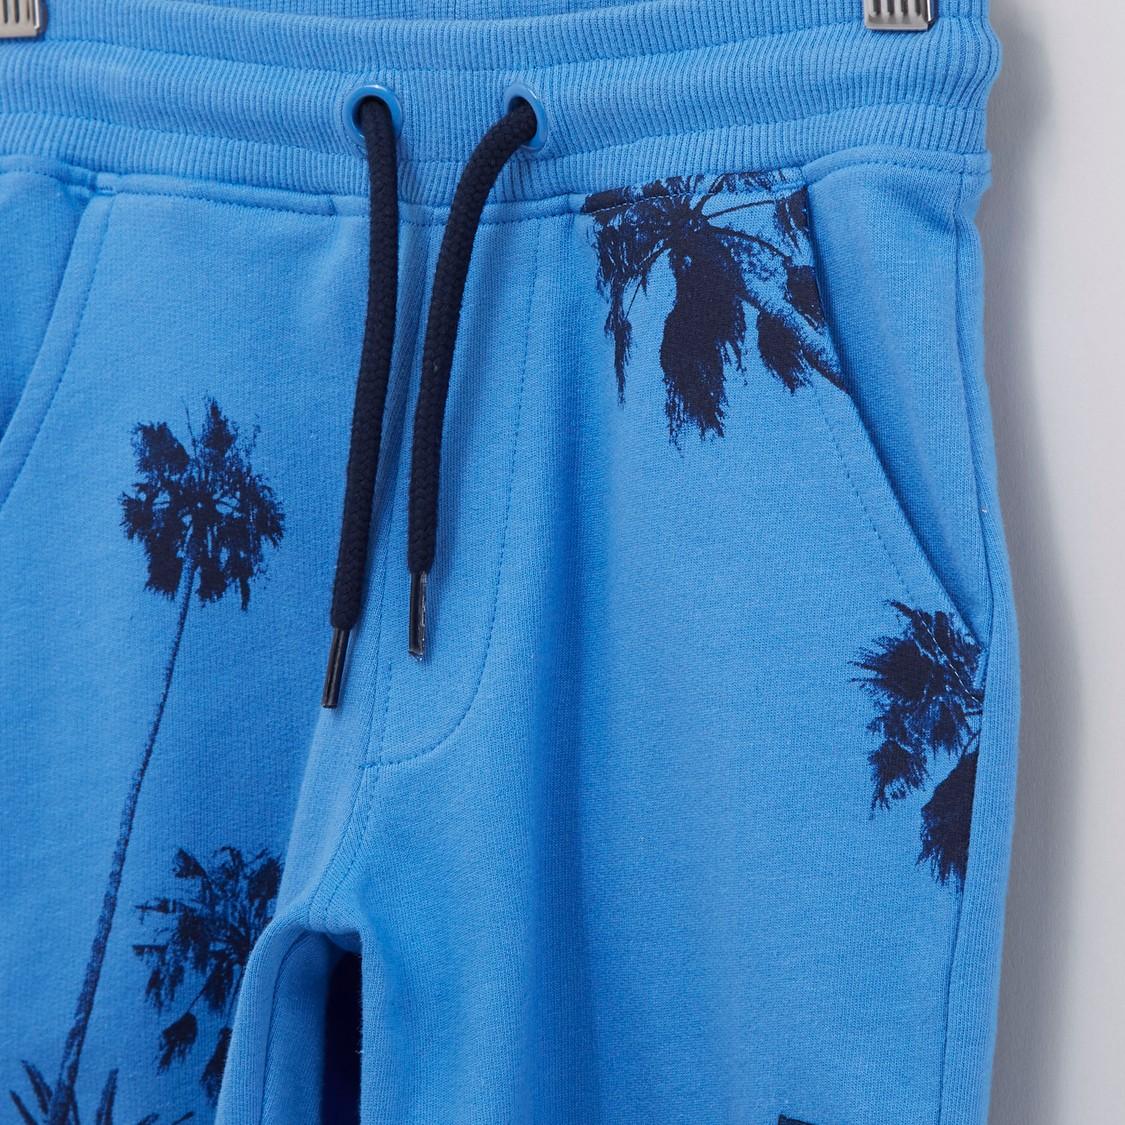 Printed Shorts with Drawstring Closure and Pocket Detail